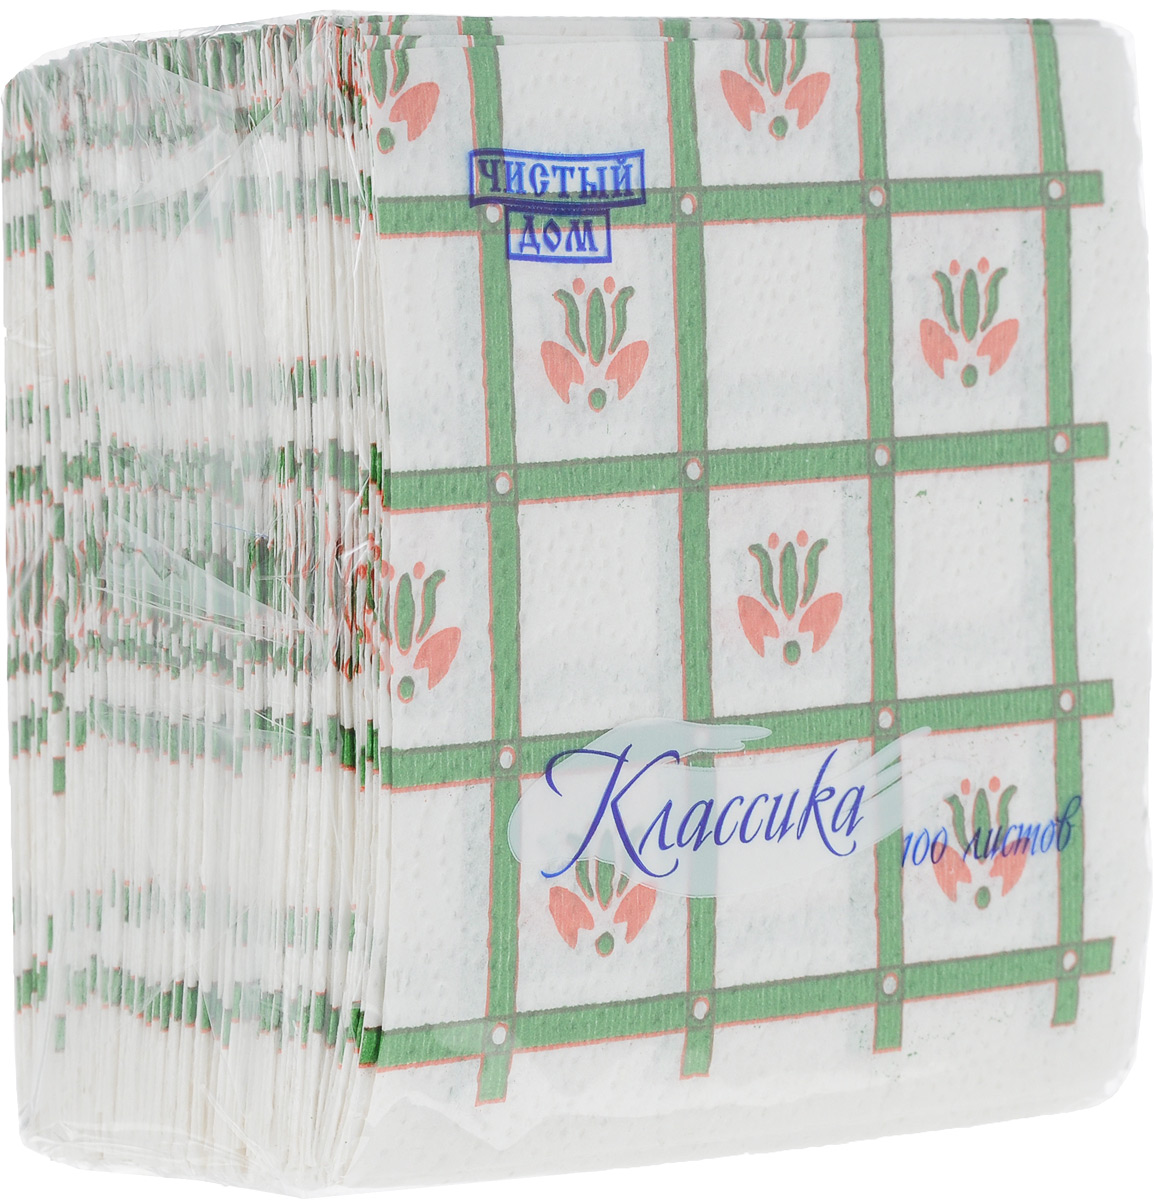 Салфетки бумажные Чистый дом Классика. Крупная клетка, однослойные, цвет: белый, зеленый, красный, 25 х 25 см, 100 шт391602Однослойные салфетки Чистый дом Классика. Крупная клетка выполнены из 100% целлюлозы. Салфетки подходят для косметического, санитарно-гигиенического и хозяйственного назначения. Нежные и мягкие, но в то же время прочные. Салфетки дополнены тиснением и ярким рисунком.Размер салфеток: 25 х 25 см.